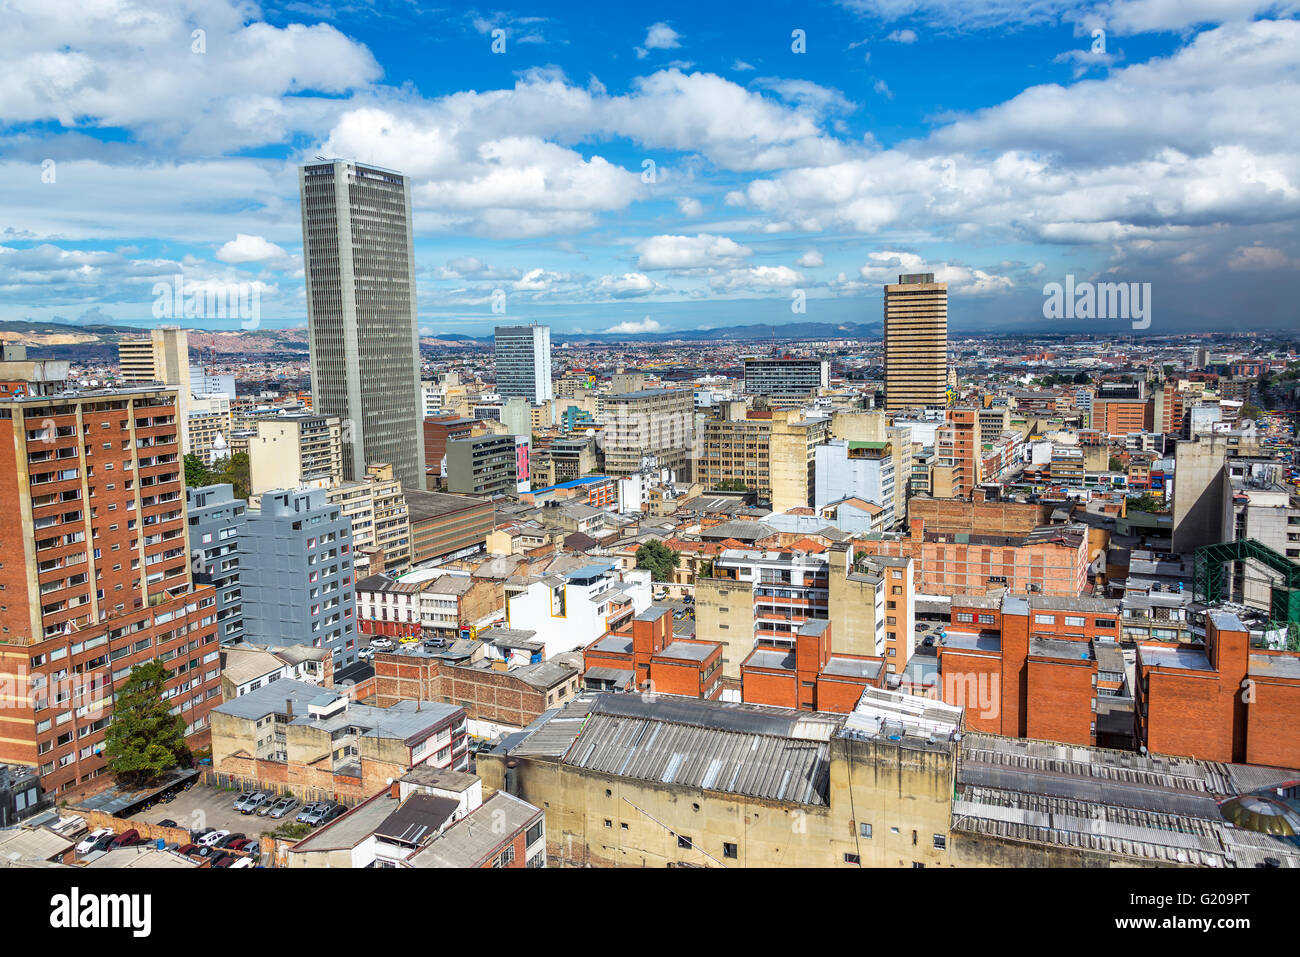 Paesaggio urbano in vista del centro della città di Bogotà, Colombia Immagini Stock